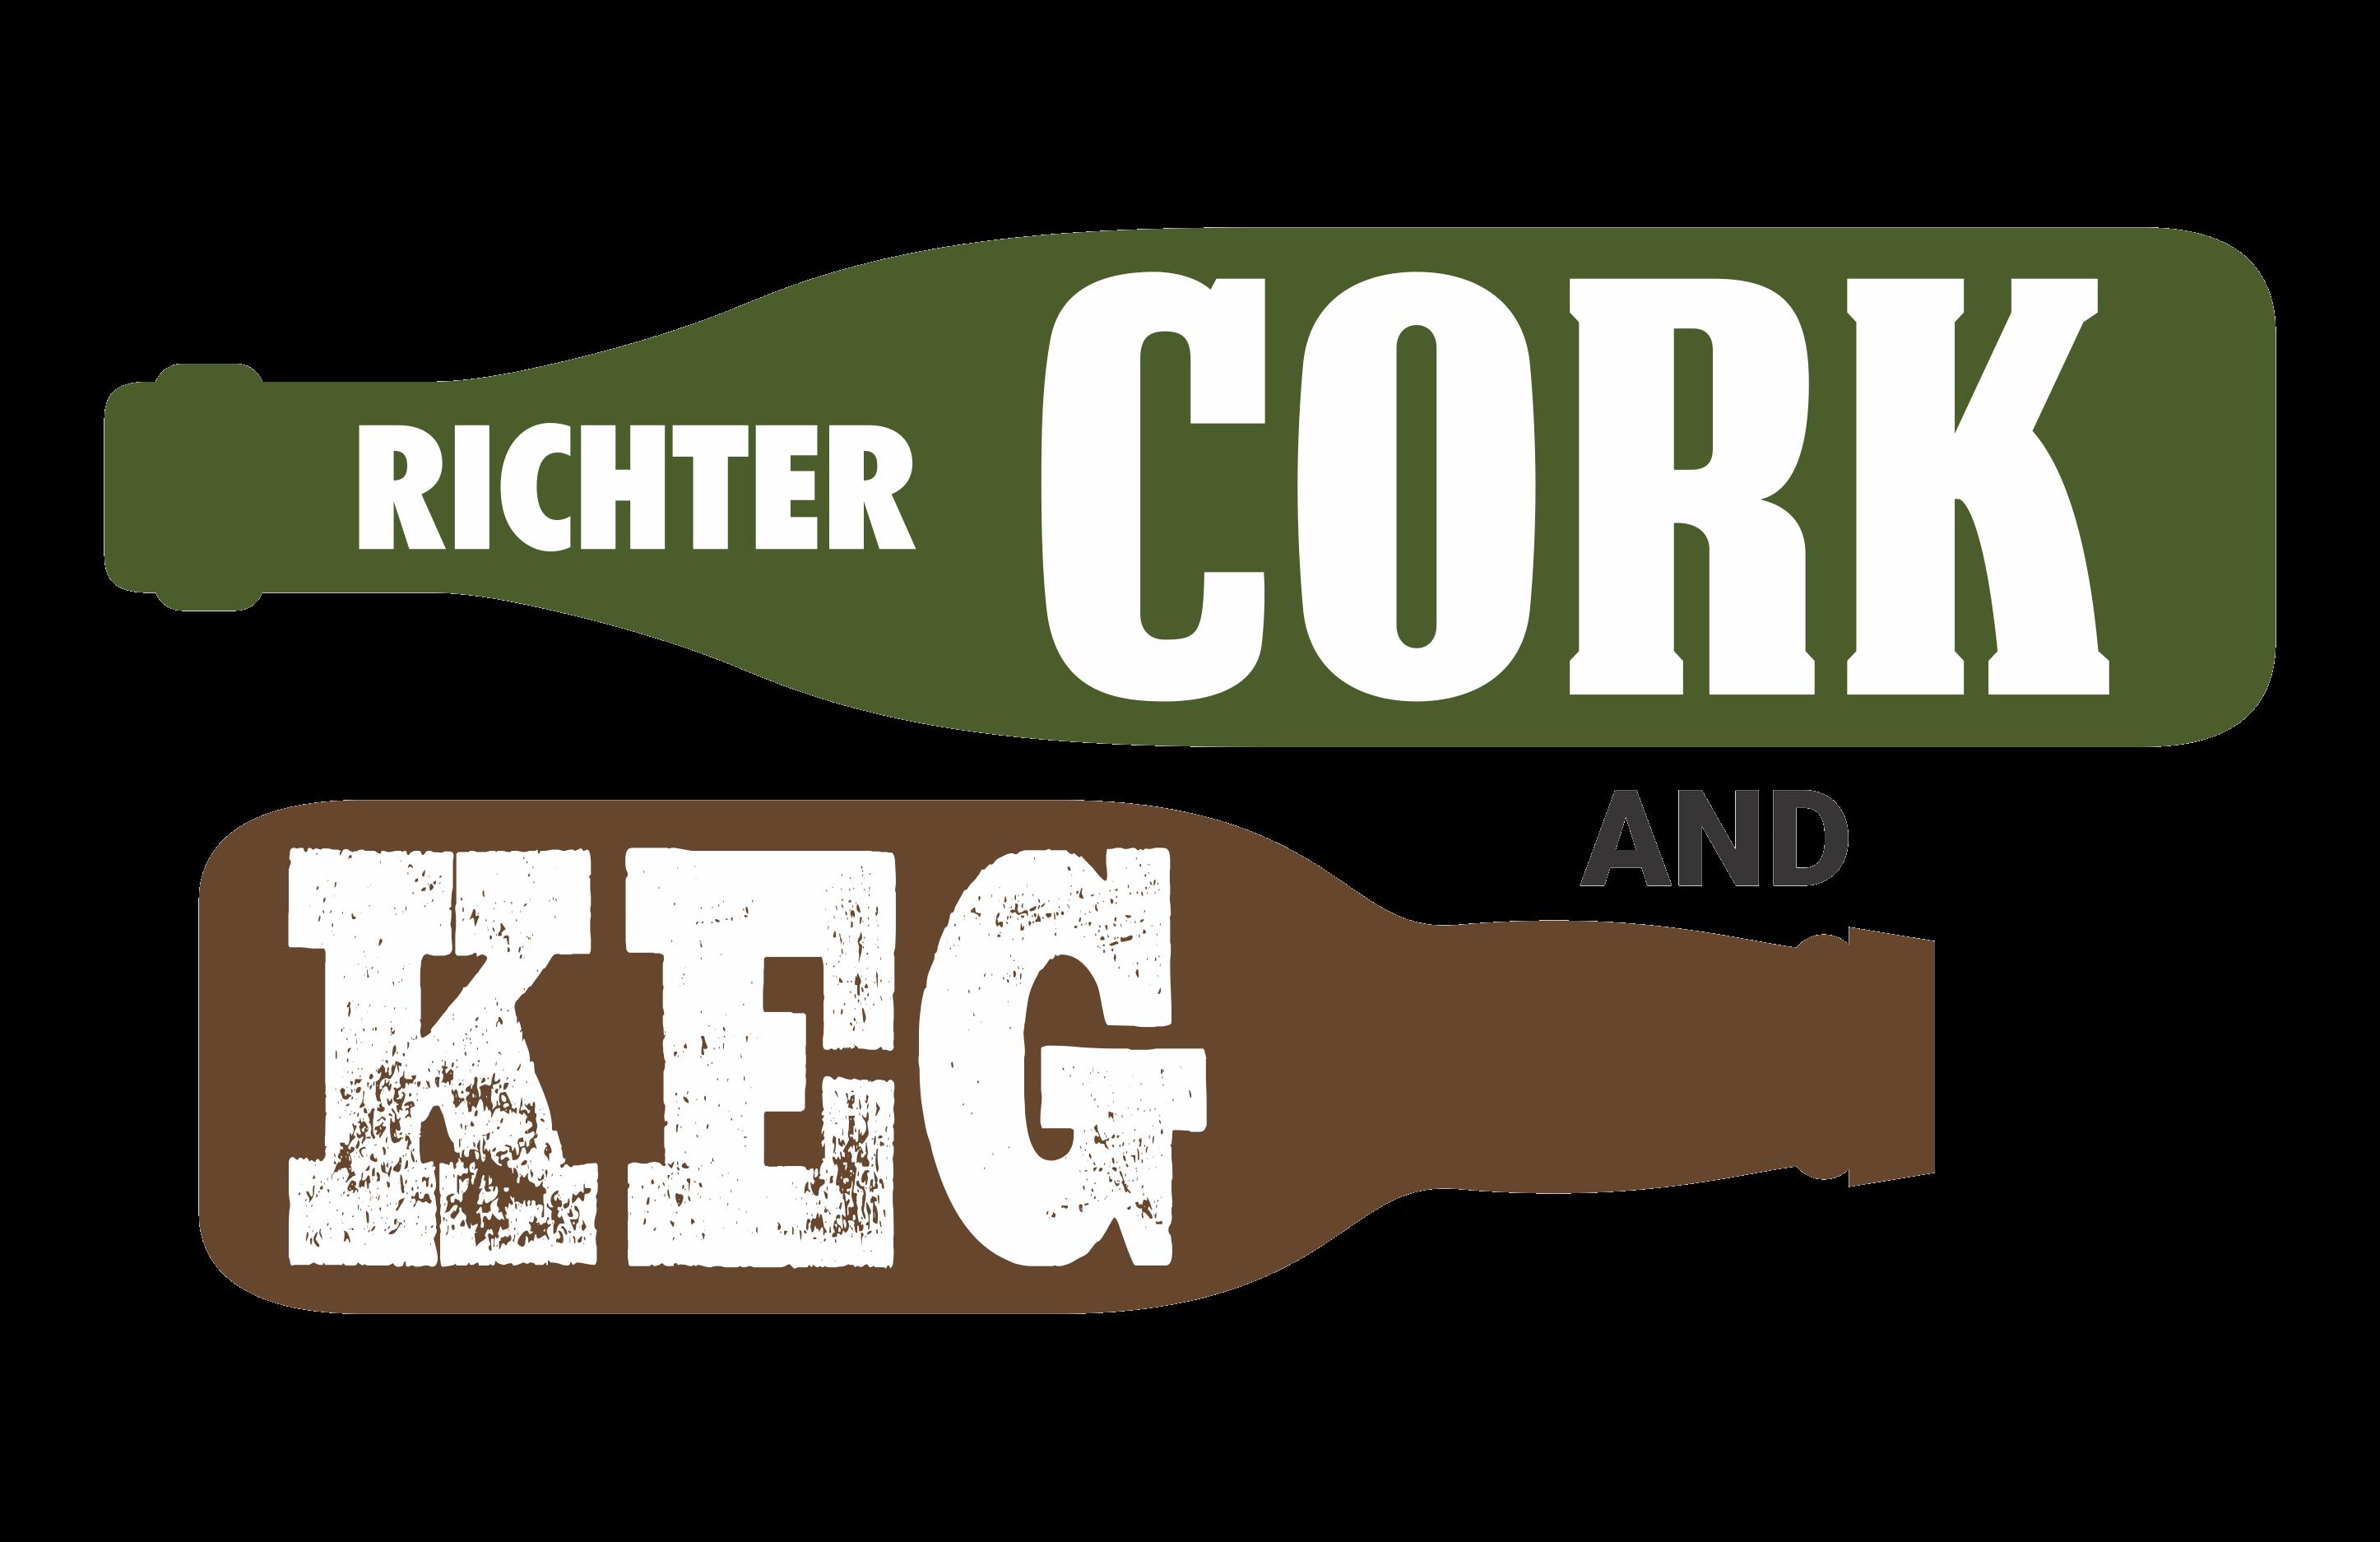 Richter Cork and Keg